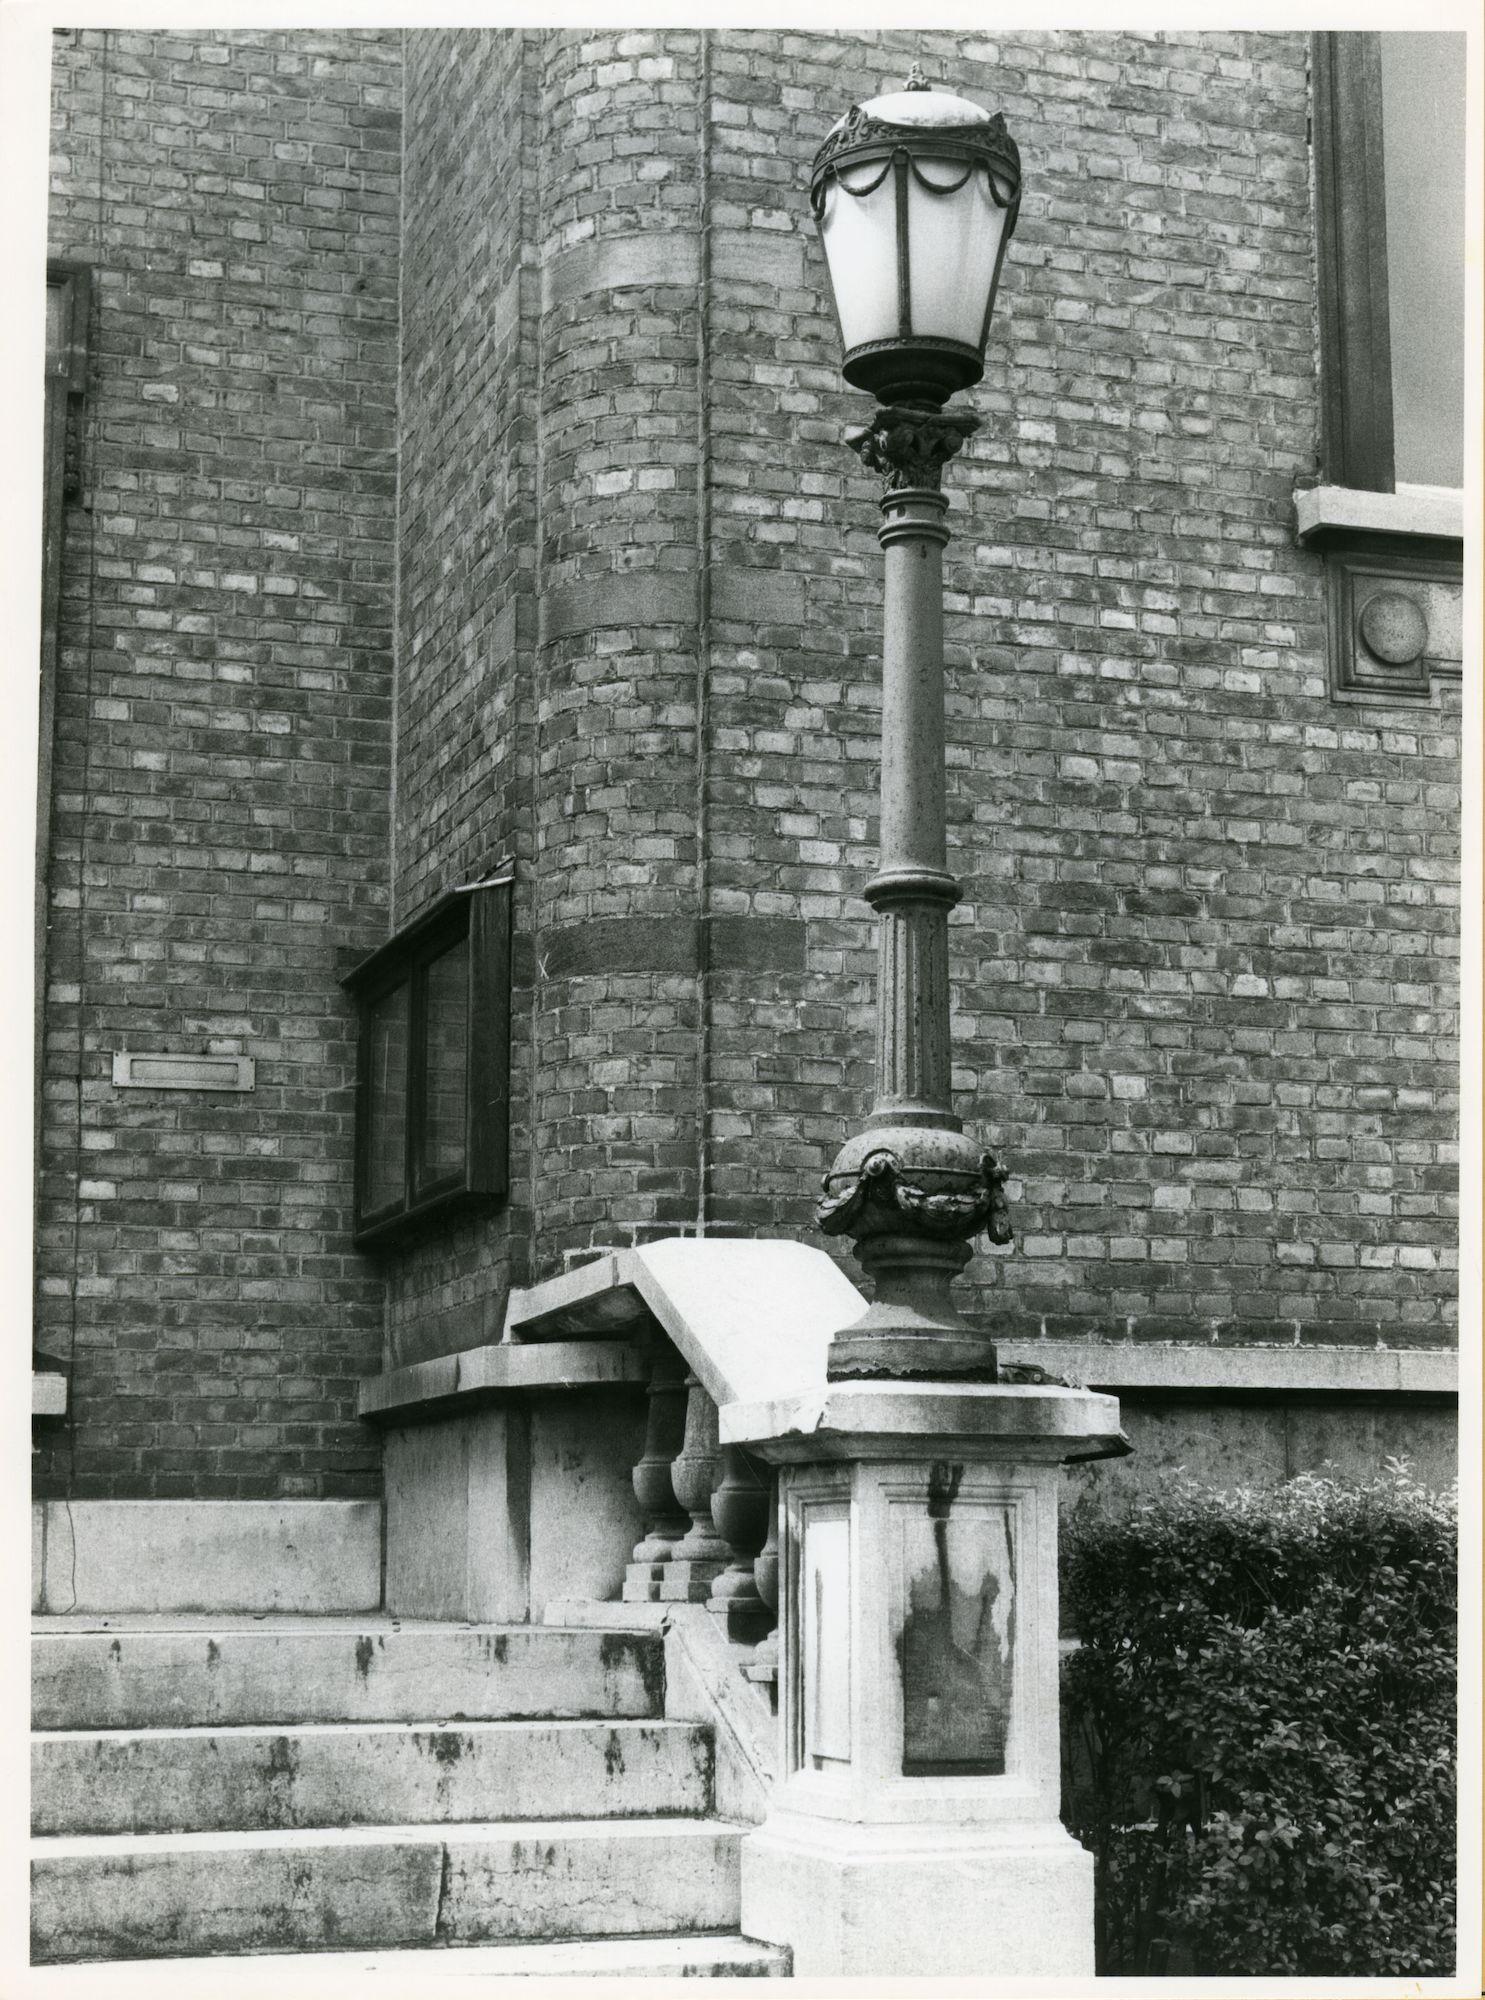 Gentbrugge: Braemkasteelstraat: Lantaarn, 1979